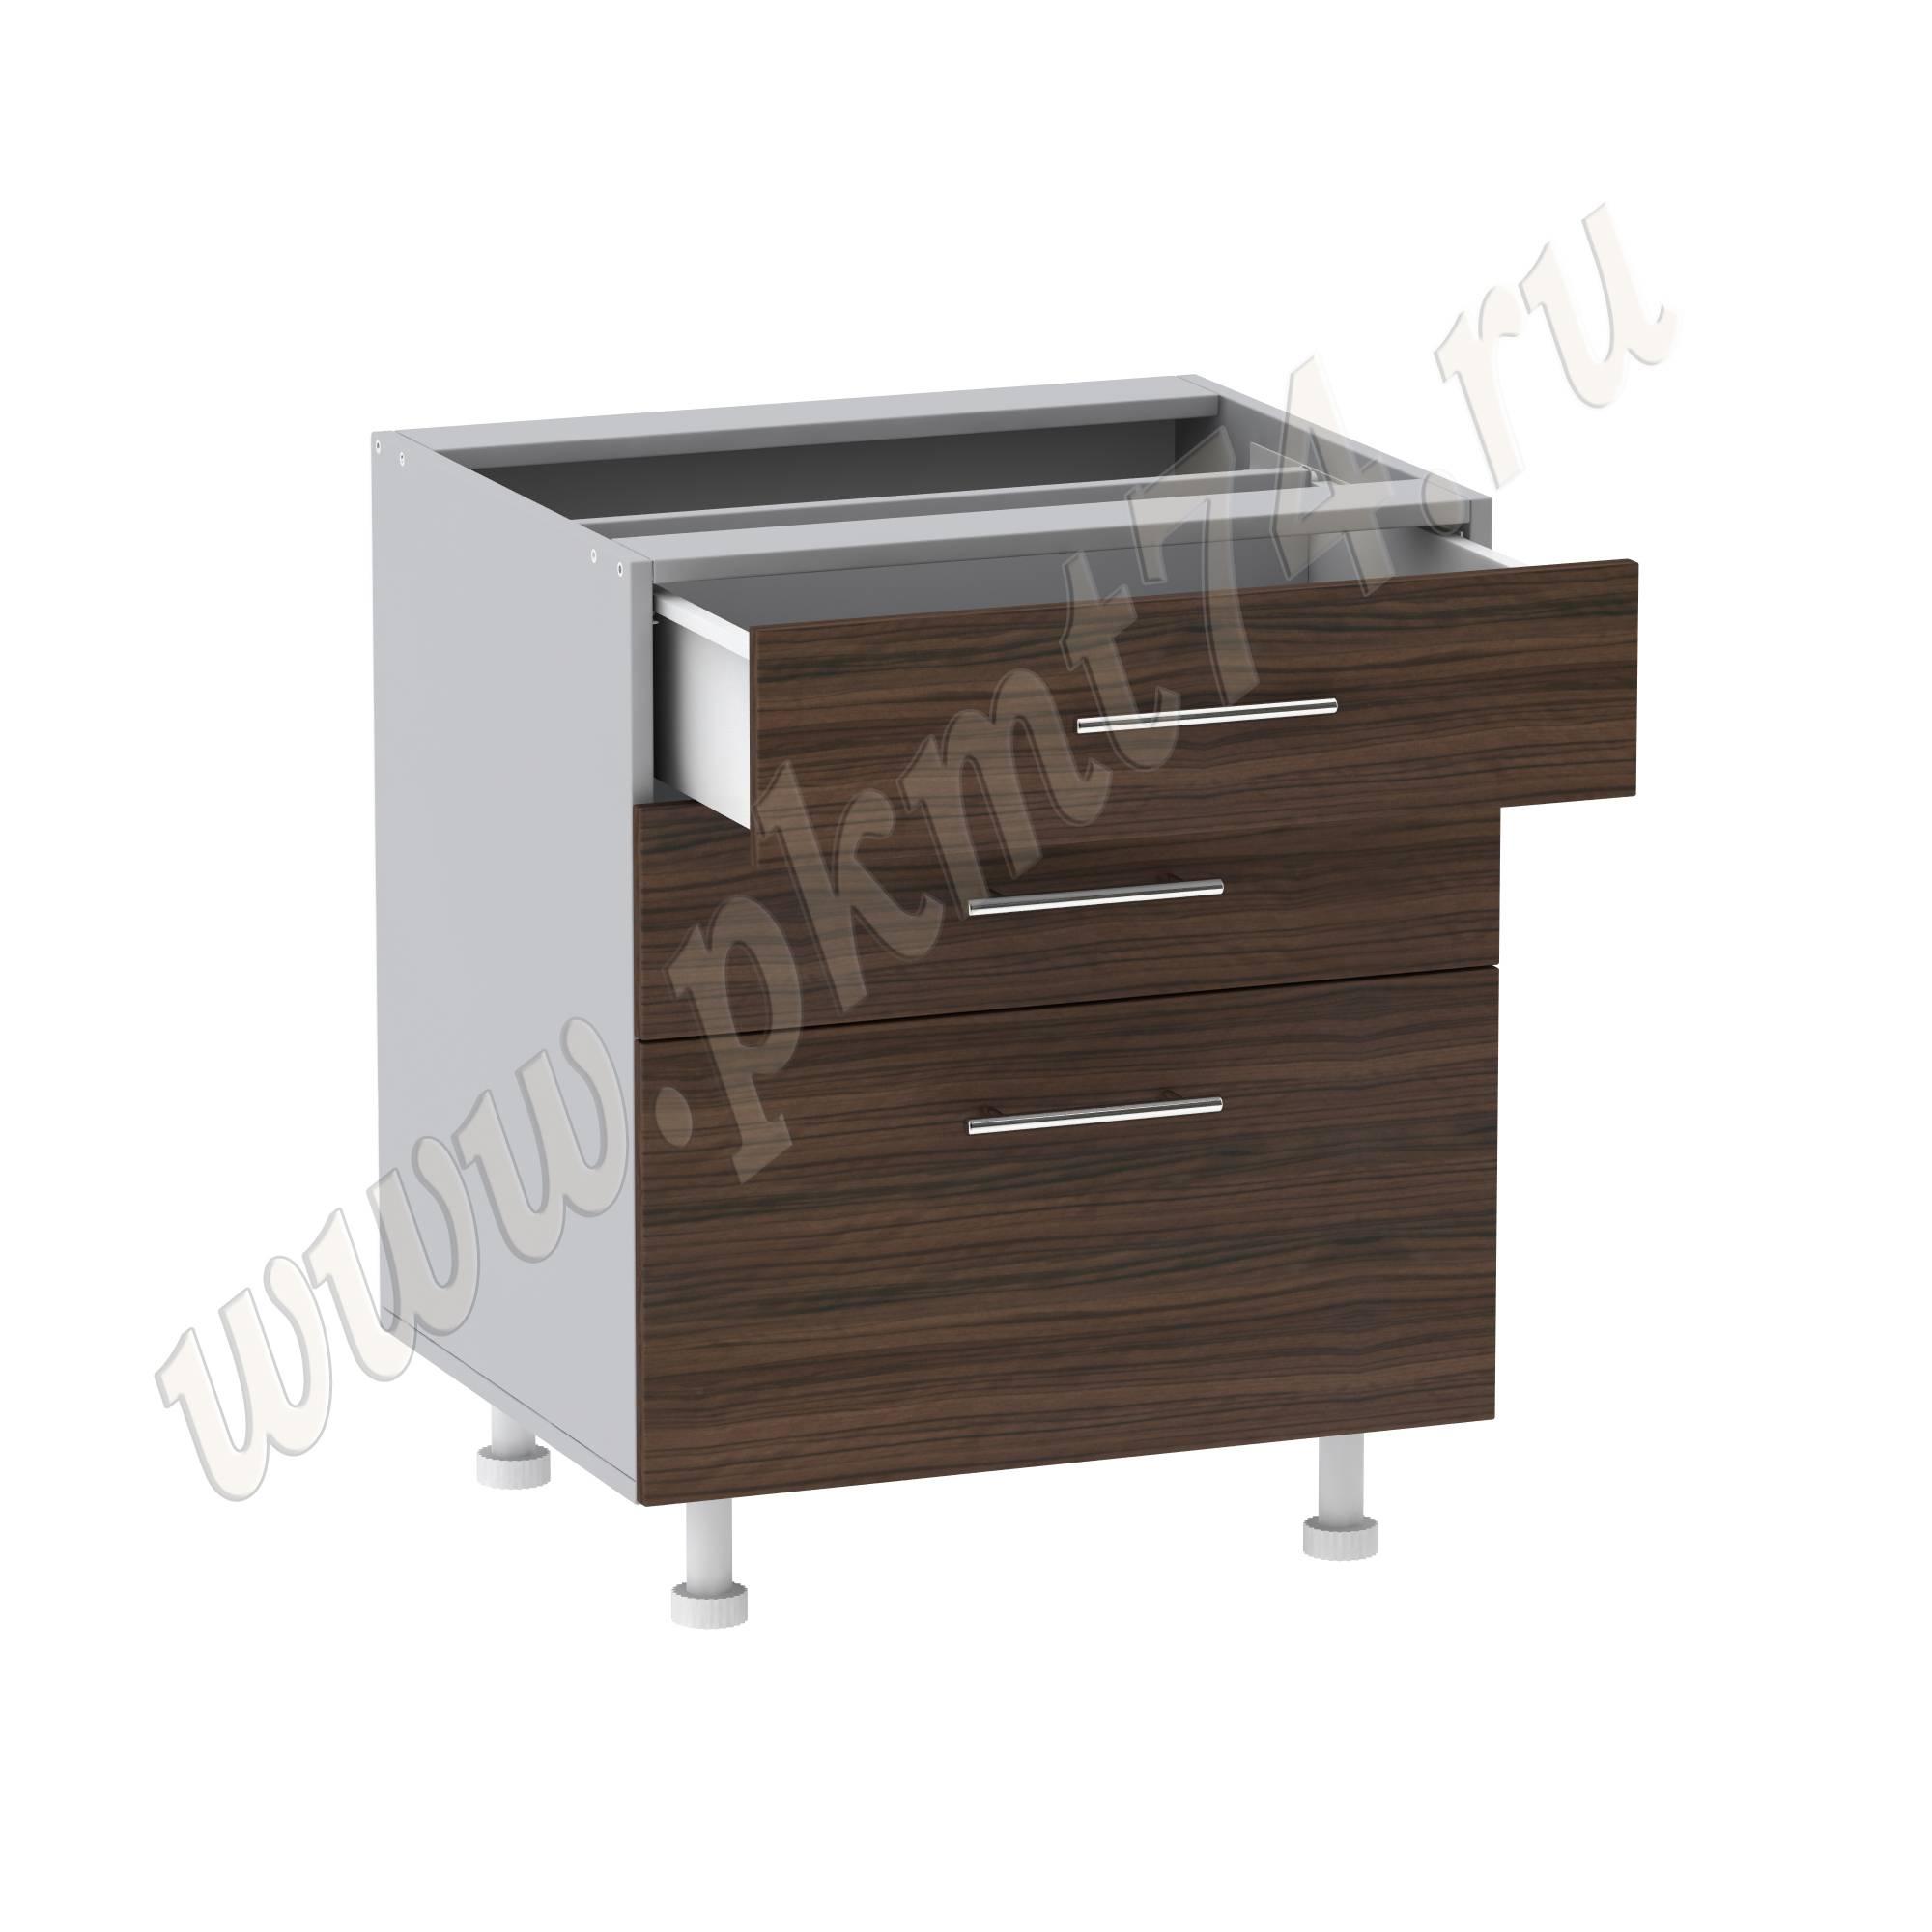 Шкаф кухонный с тремя ящиками, нижний